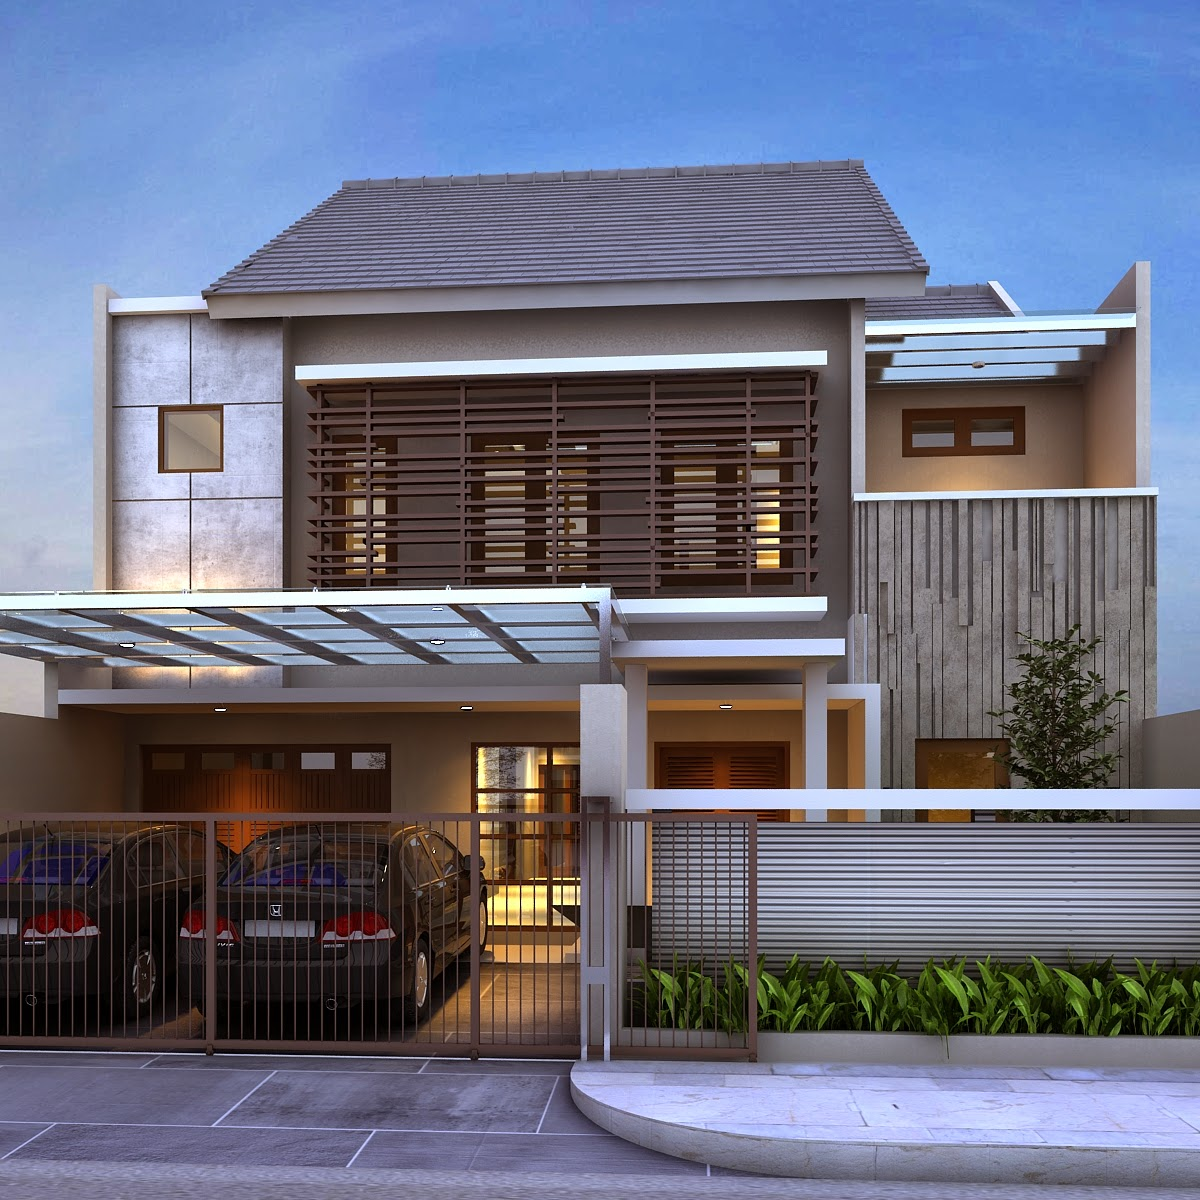 64 Desain Rumah Minimalis Dengan Mezzanine  Desain Rumah